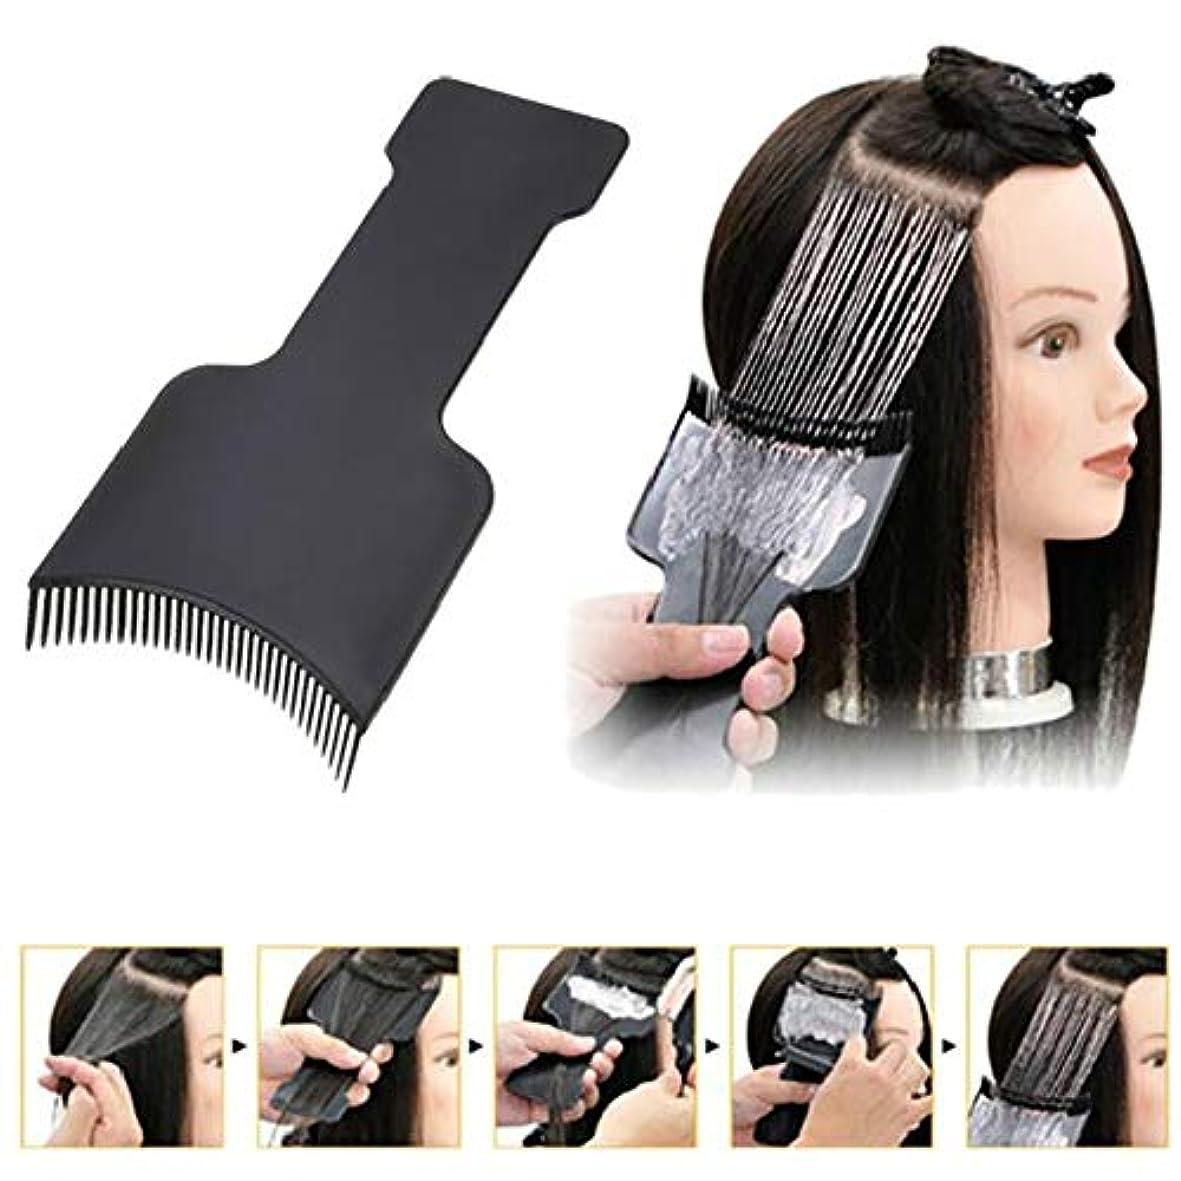 つま先ハンドブック動員するプロのファッション理髪ヘアアプリケータブラシ調剤サロンヘアカラーリング染色ピックカラーボードヘアスタイリングツール (M,ブラック)